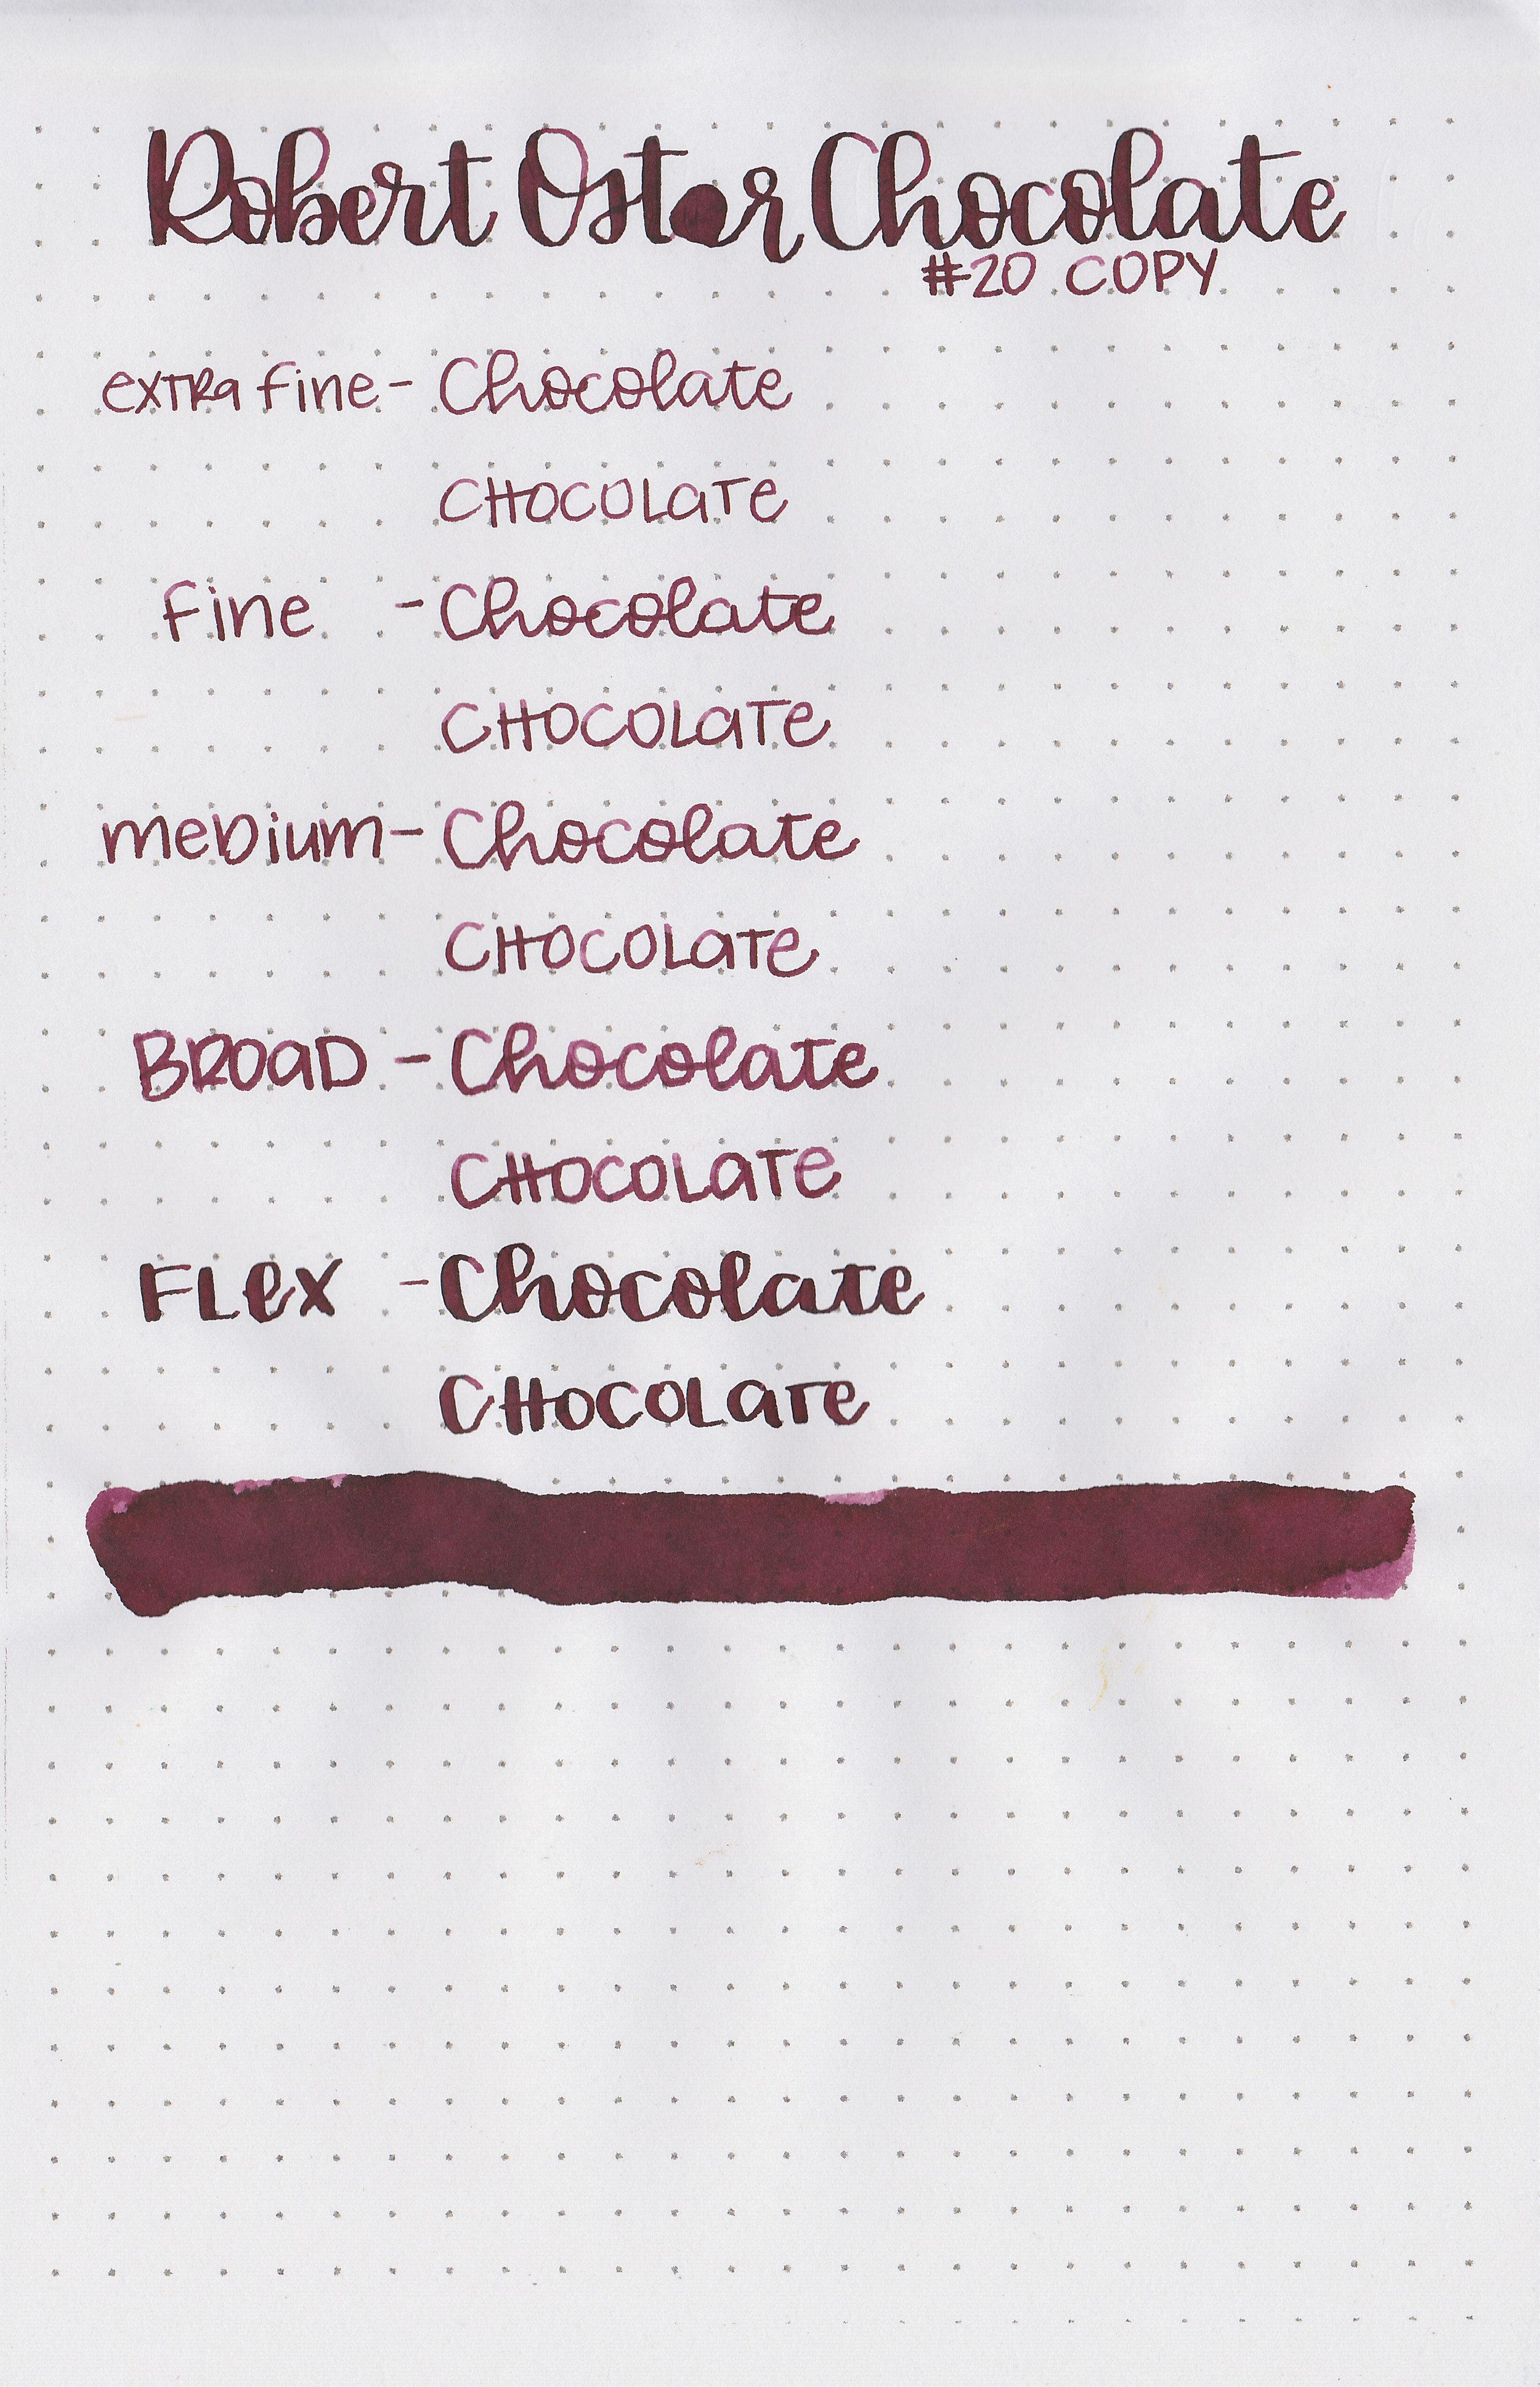 ro-chocolate-11.jpg